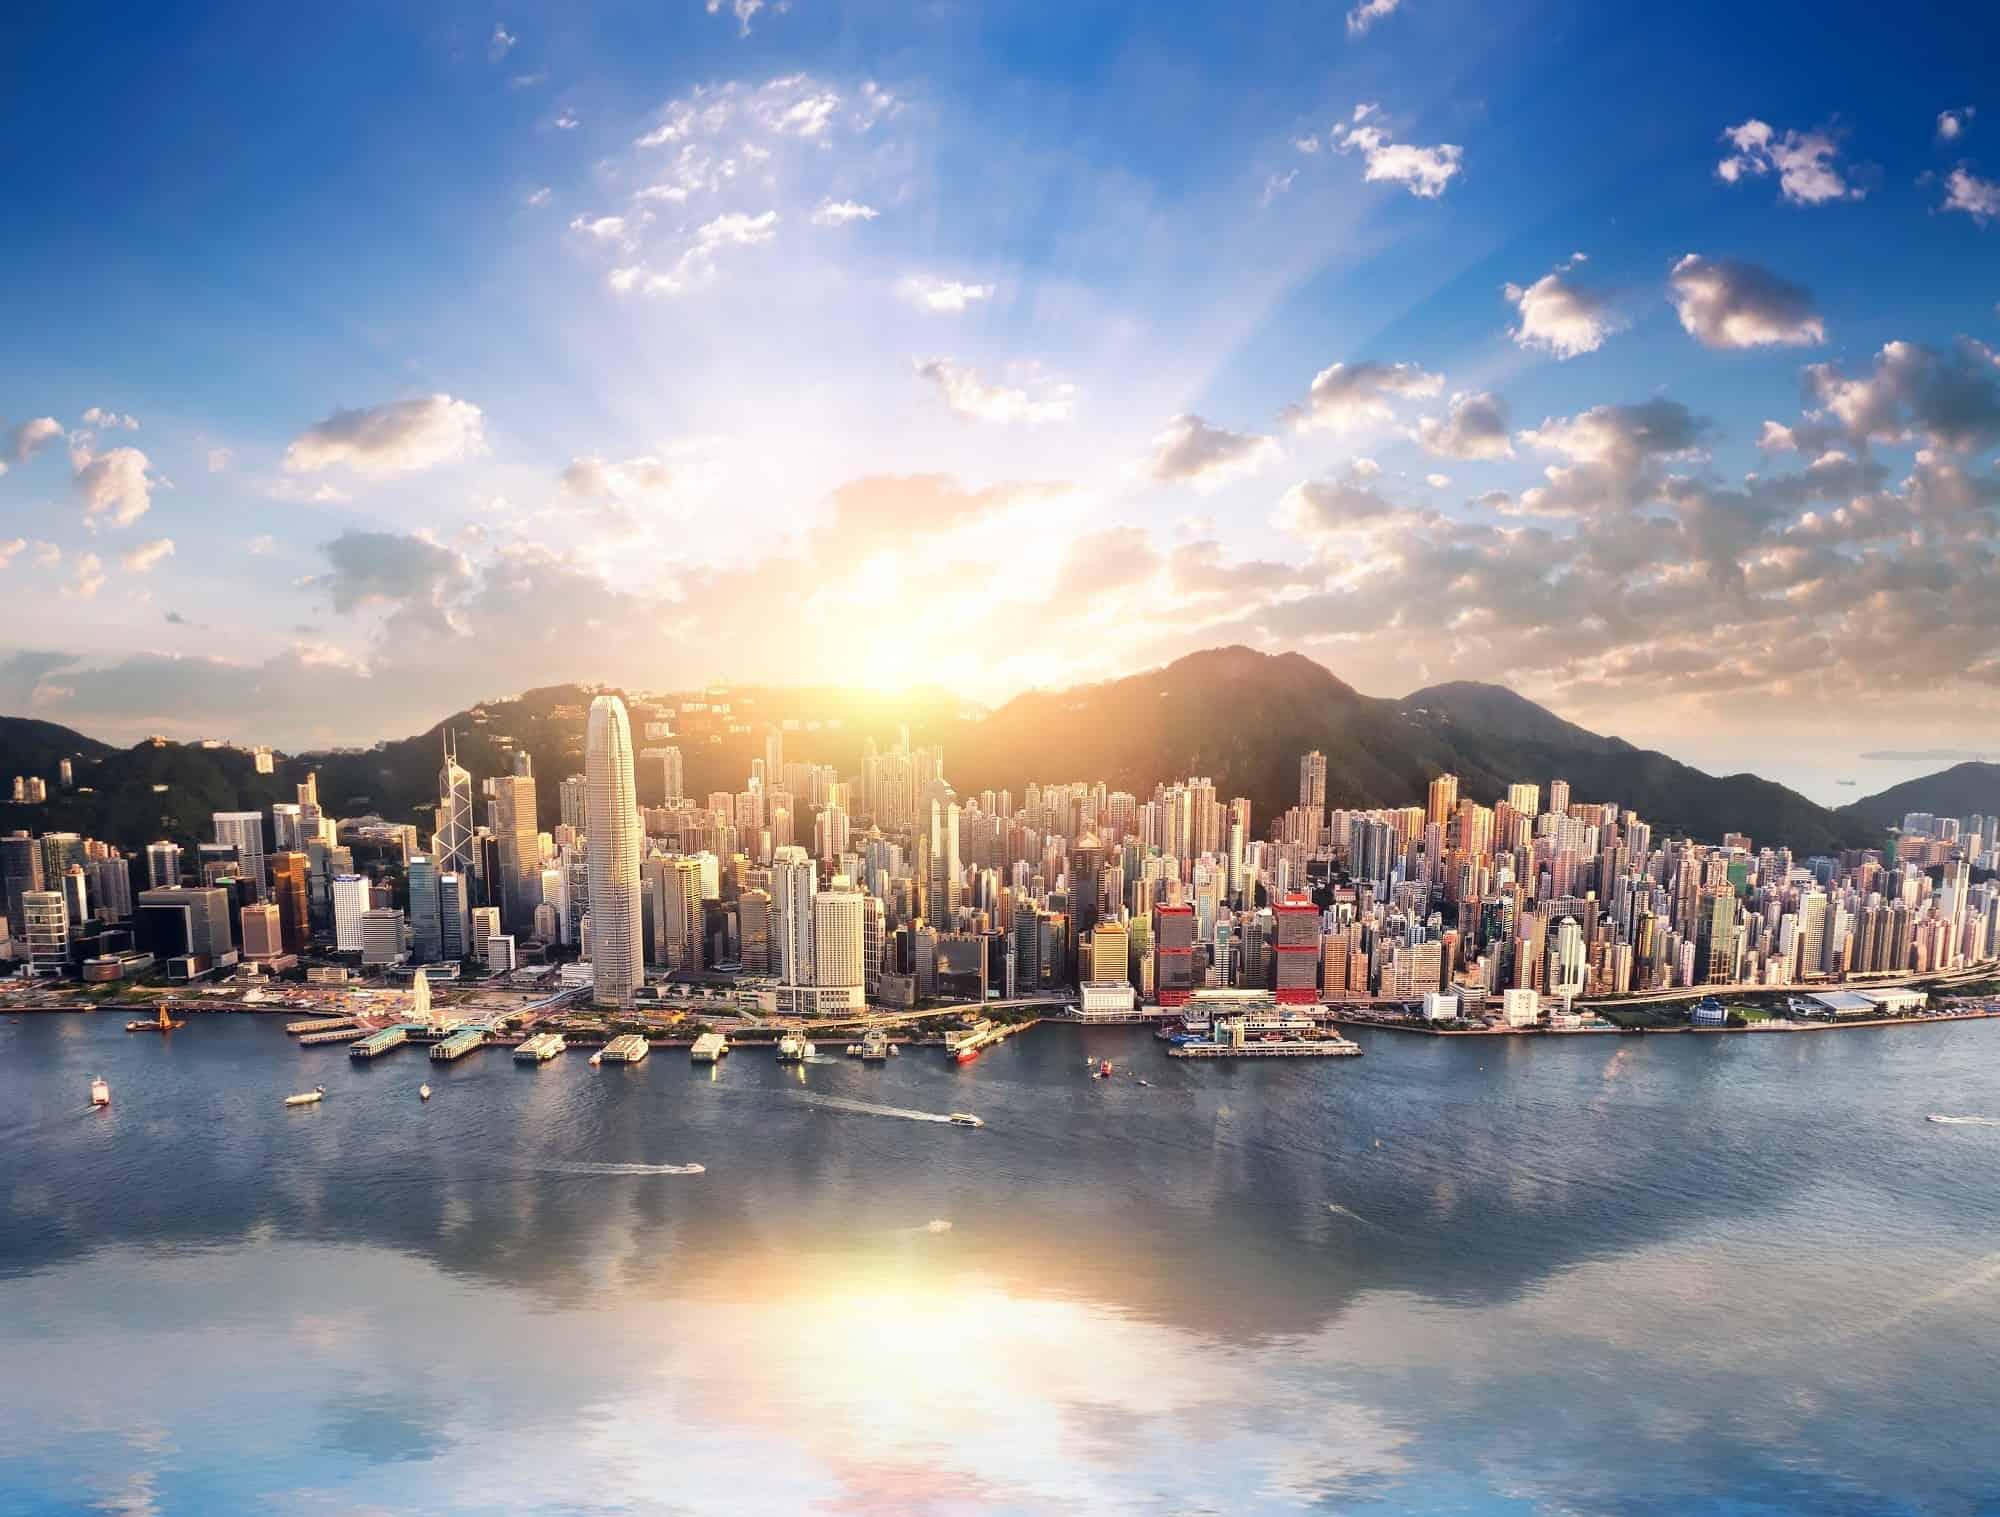 Hong Kong Tourist: A First-Timer's Guide to Hong Kong